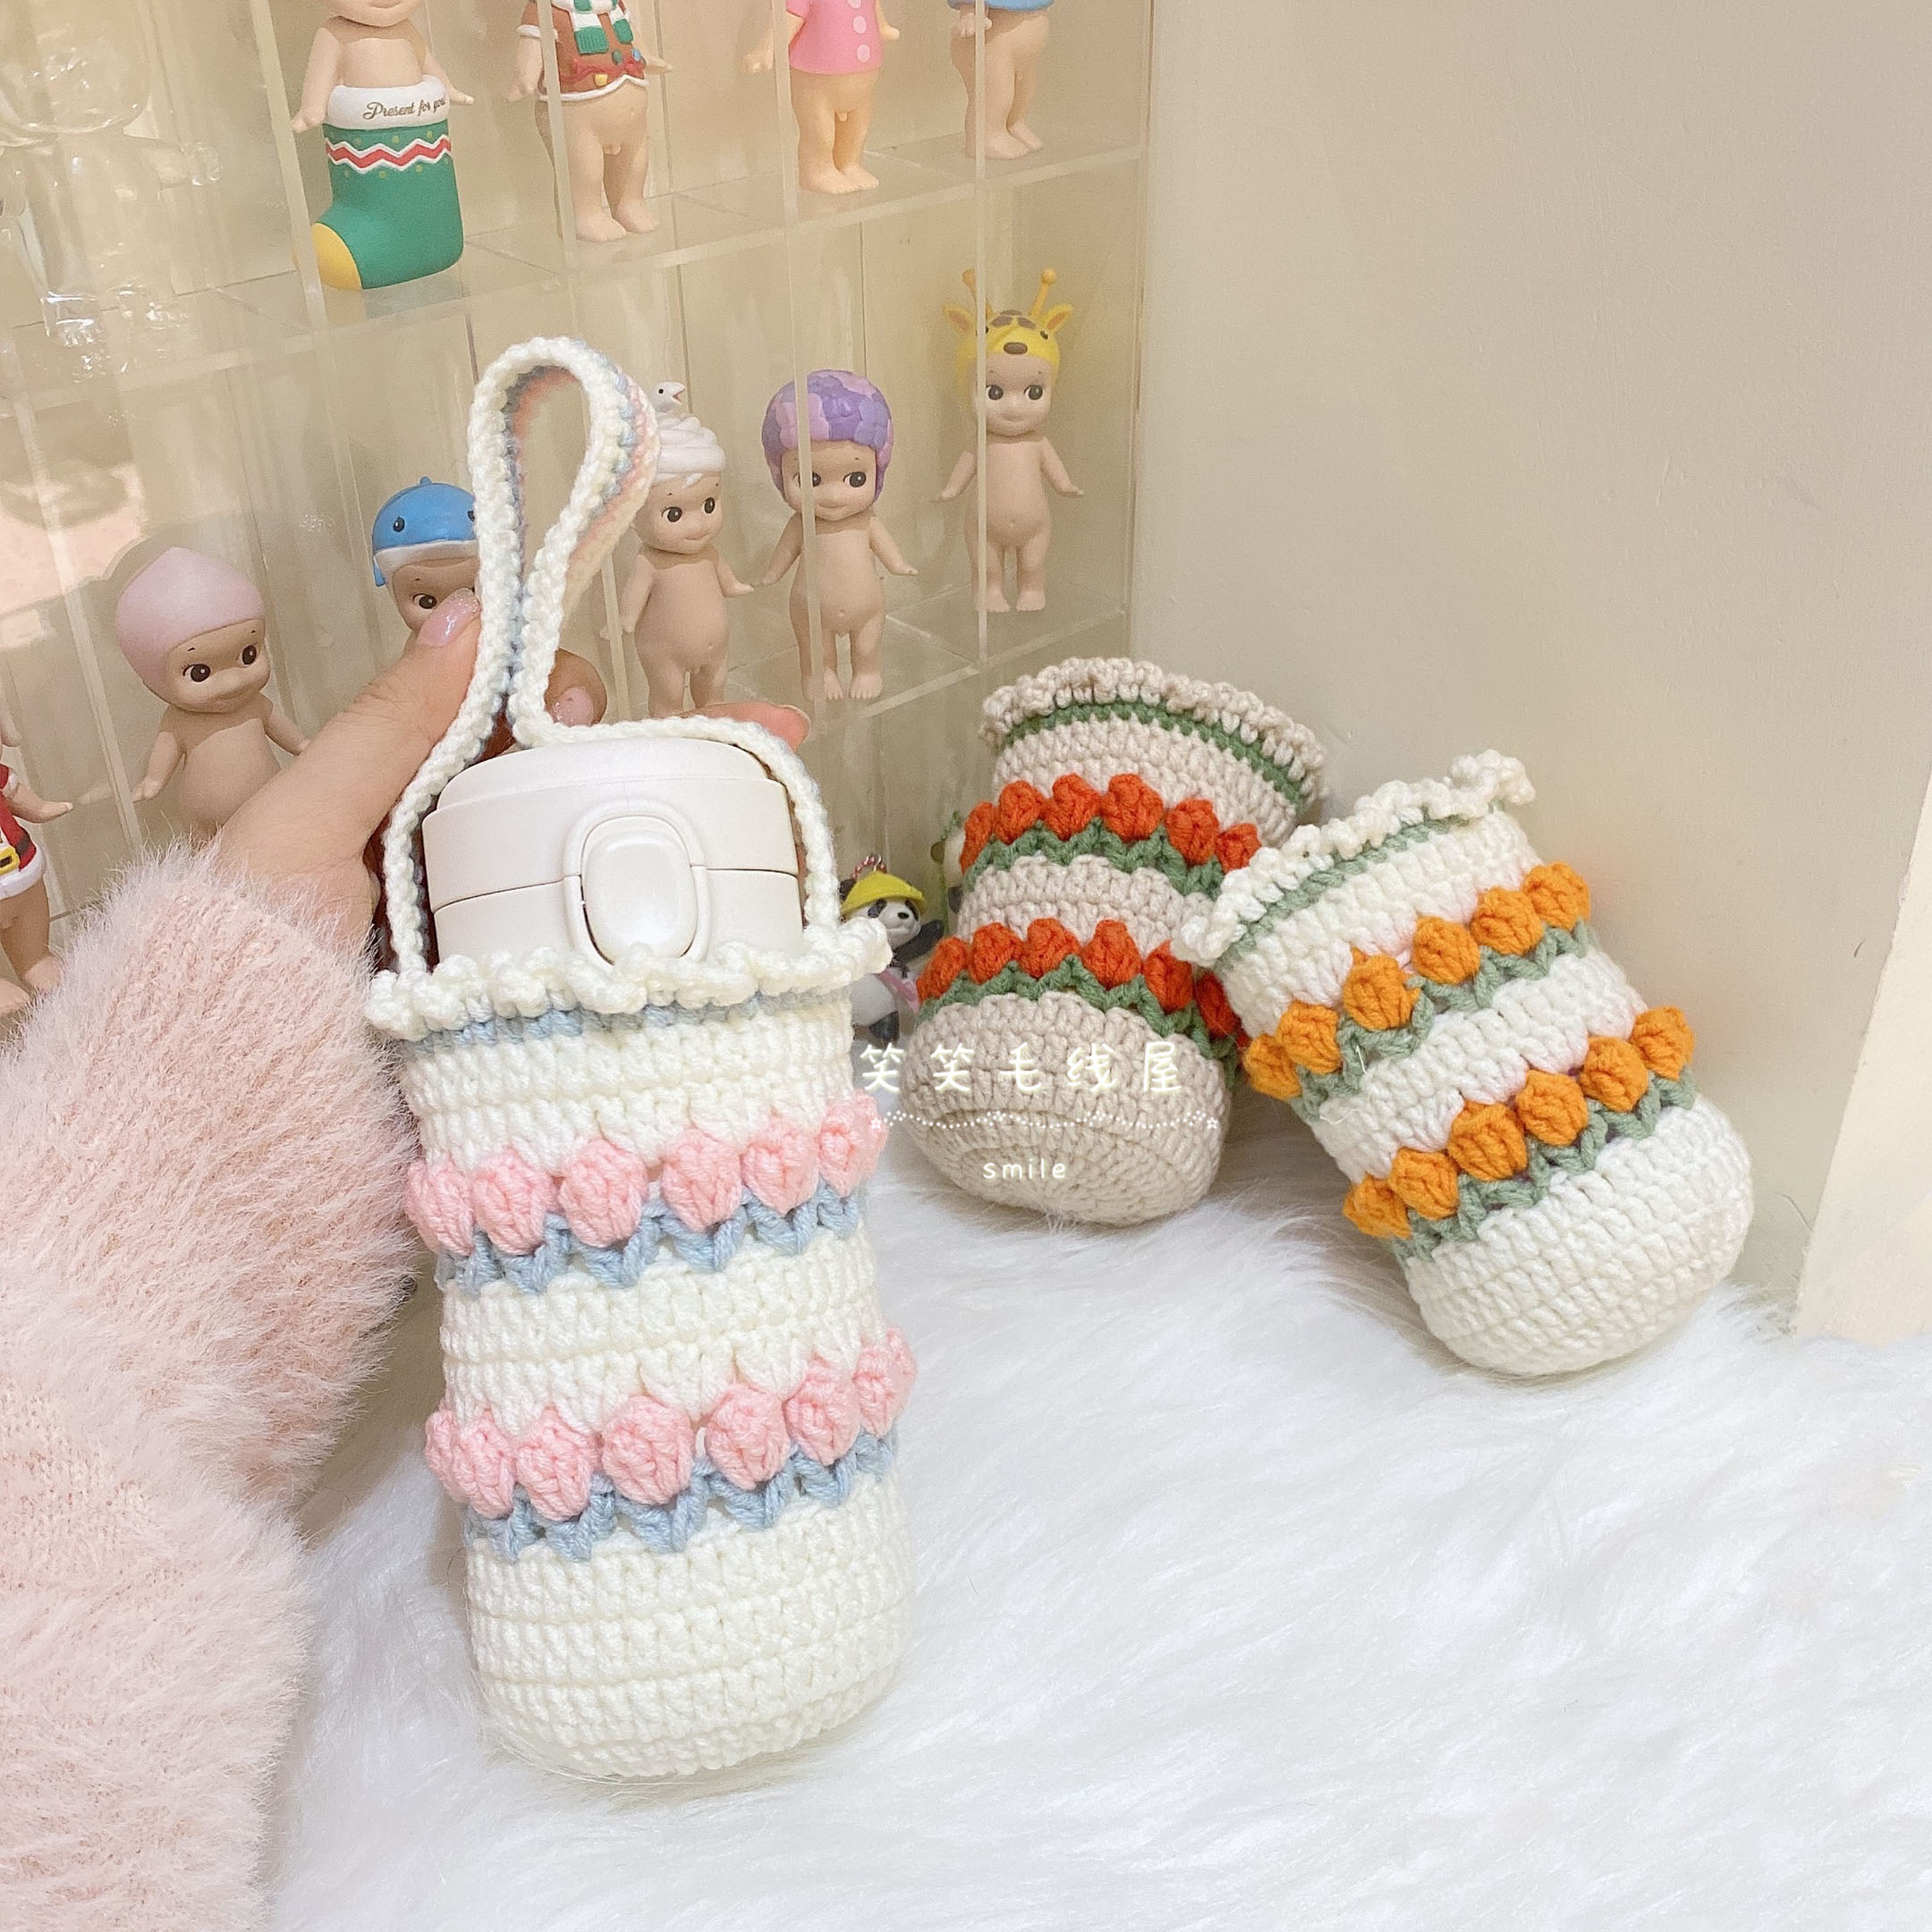 郁金香手工diy材料包毛线编织杯套保温杯罩可以斜跨手提秋冬保暖